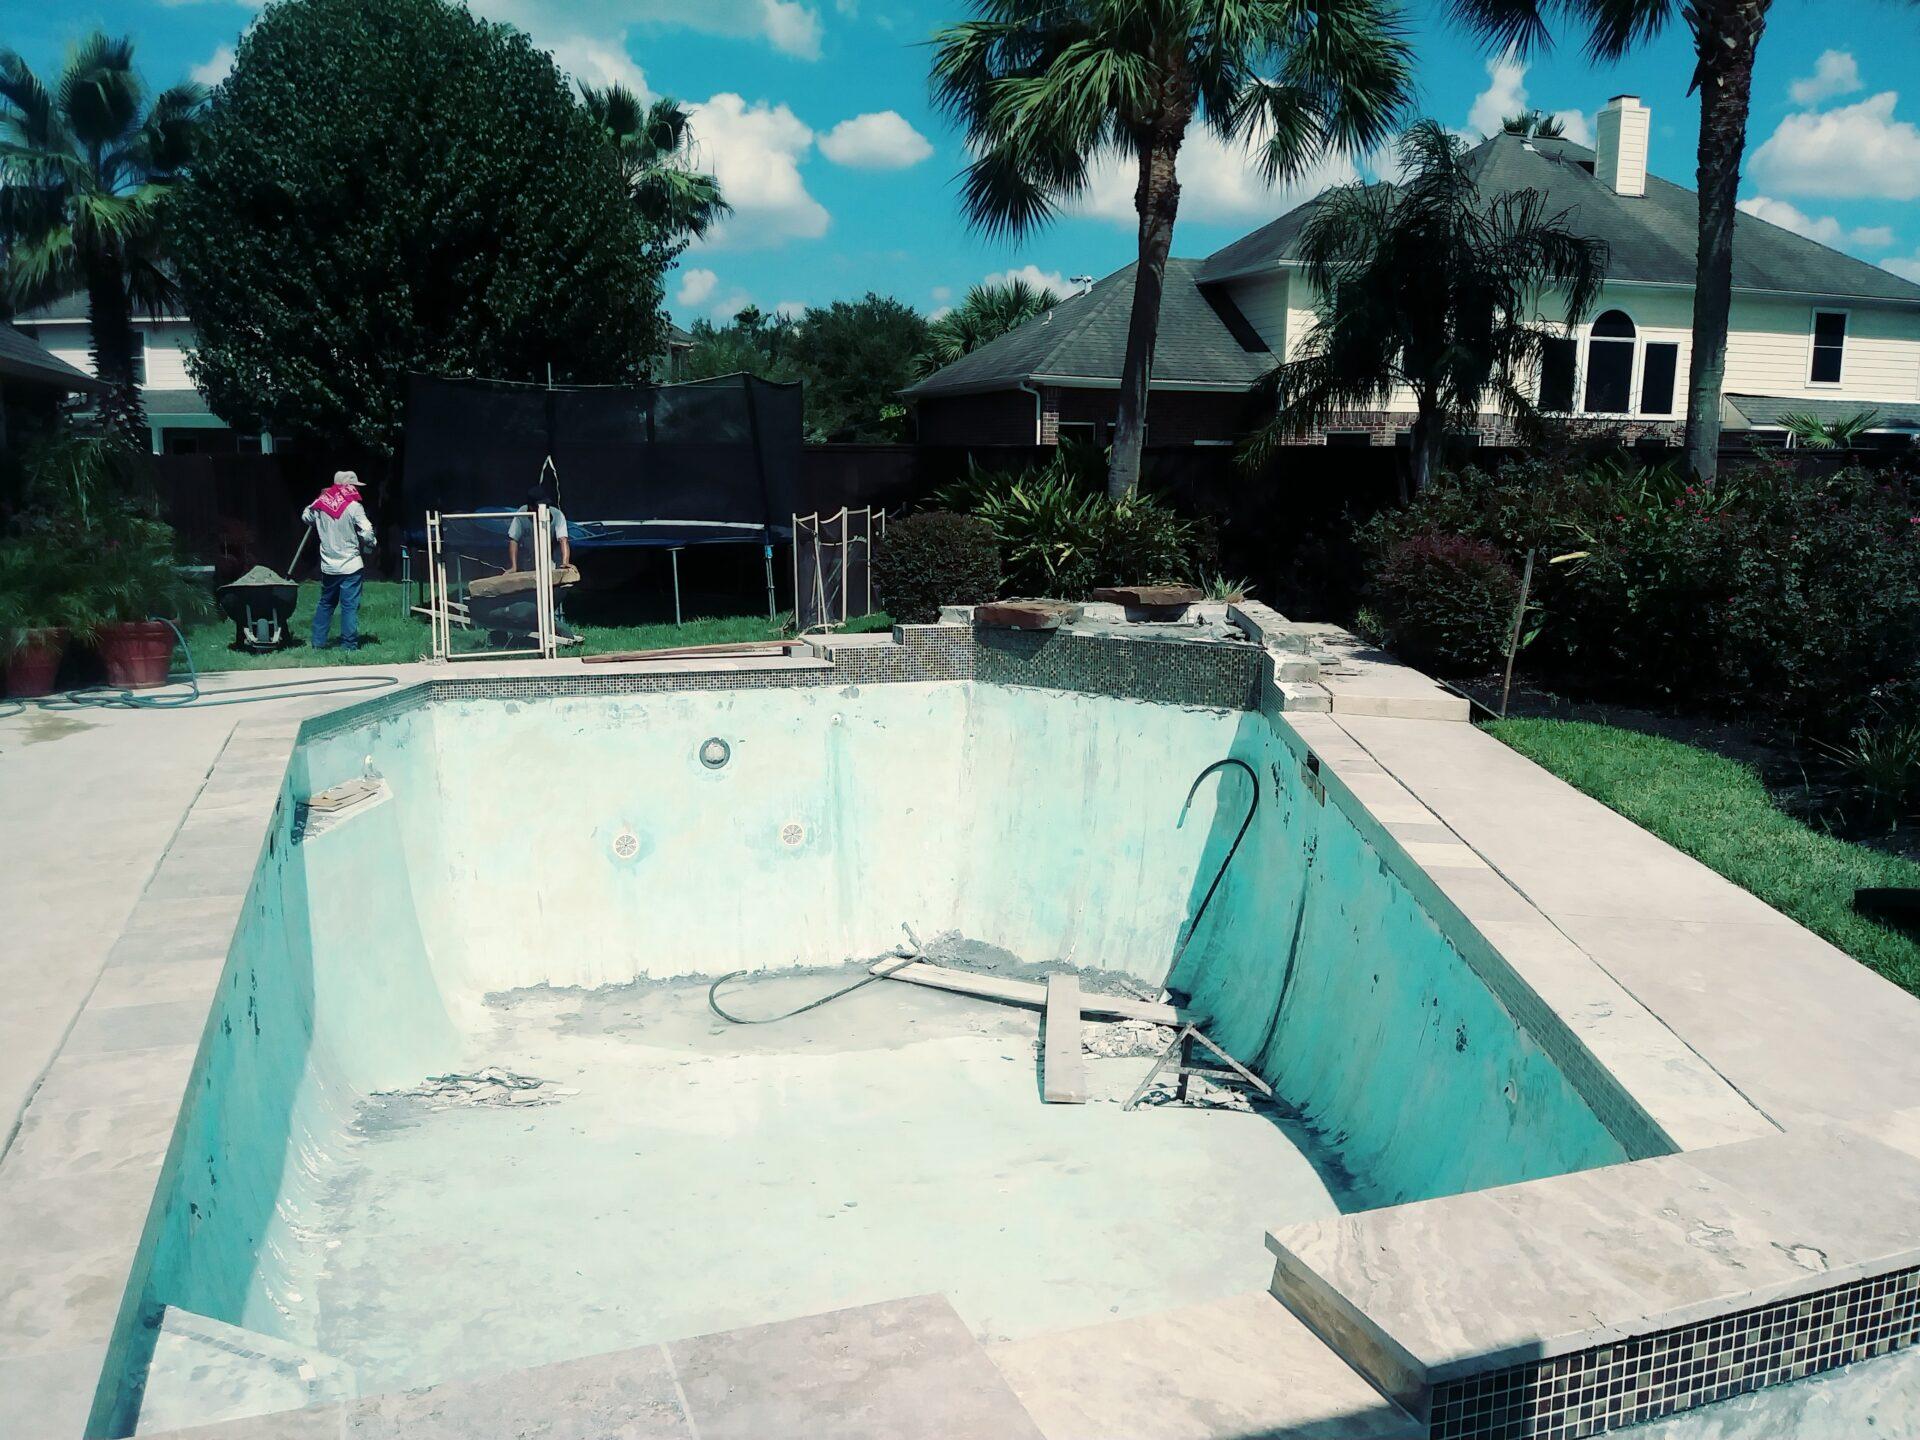 Pool Remodel - Katy - Before Image002